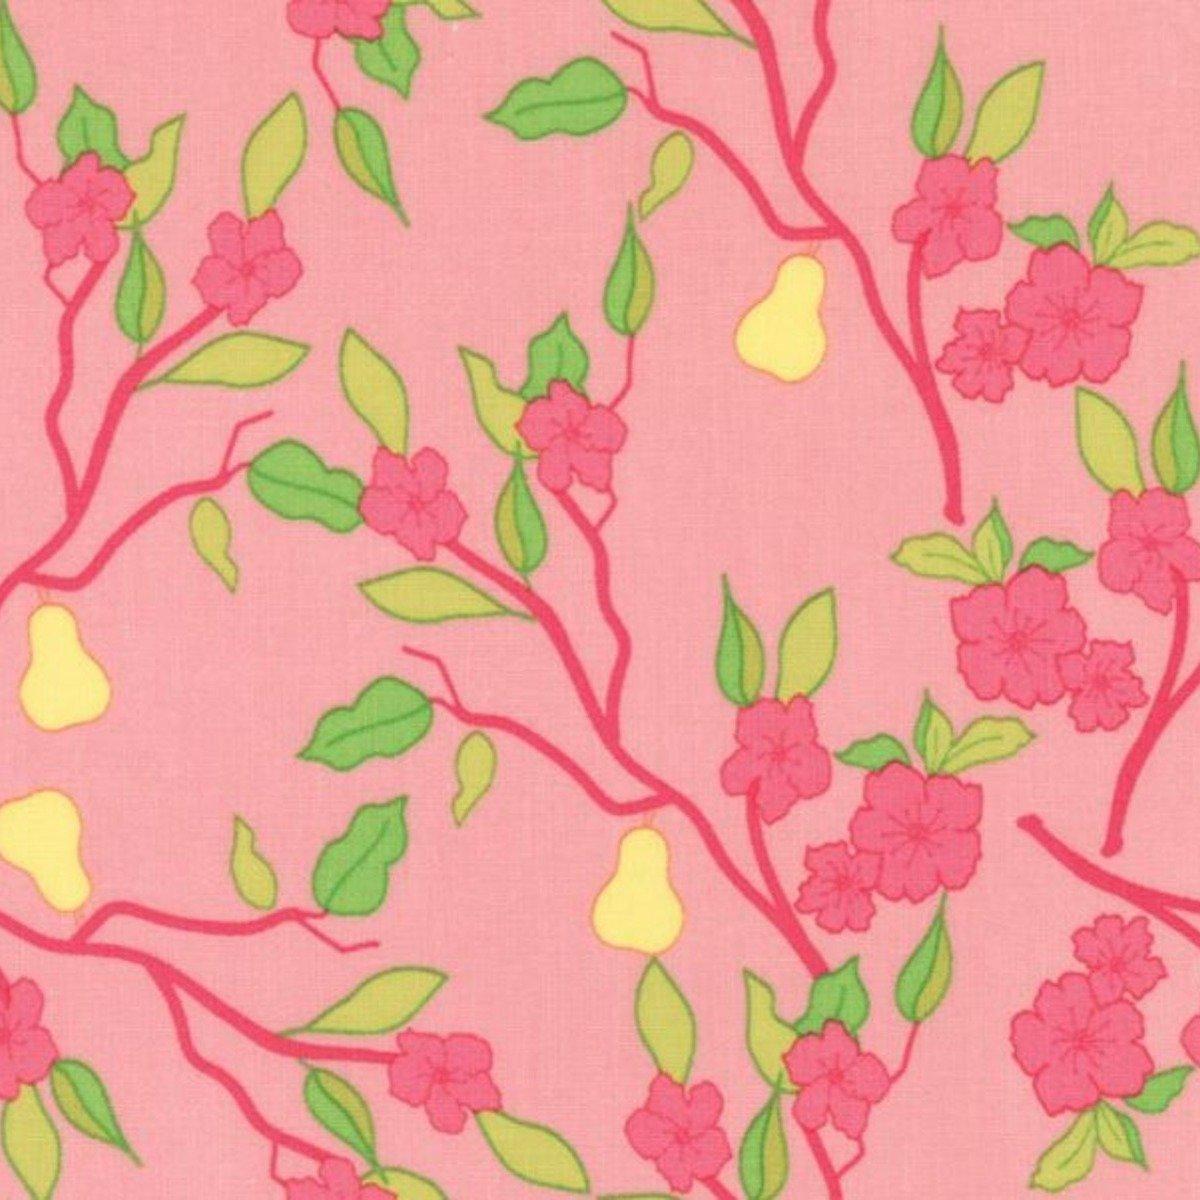 Acreage Pears Blossom 1